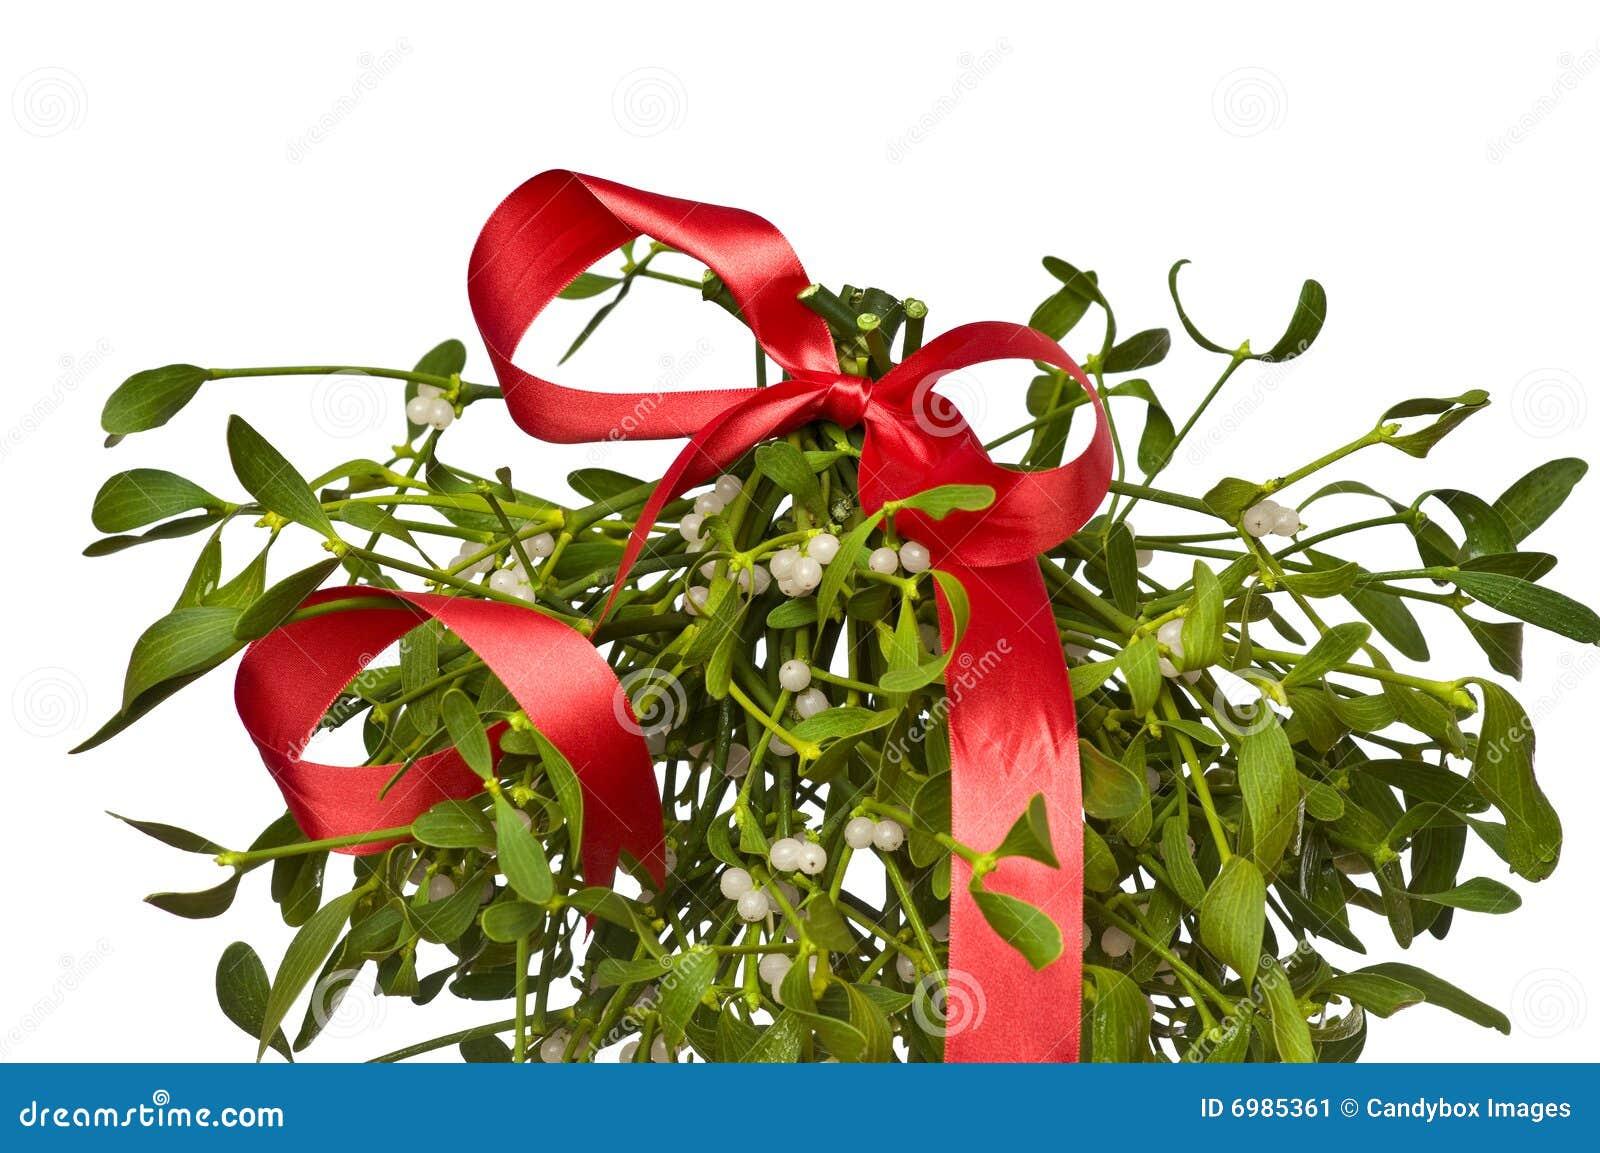 Bunch of mistletoe